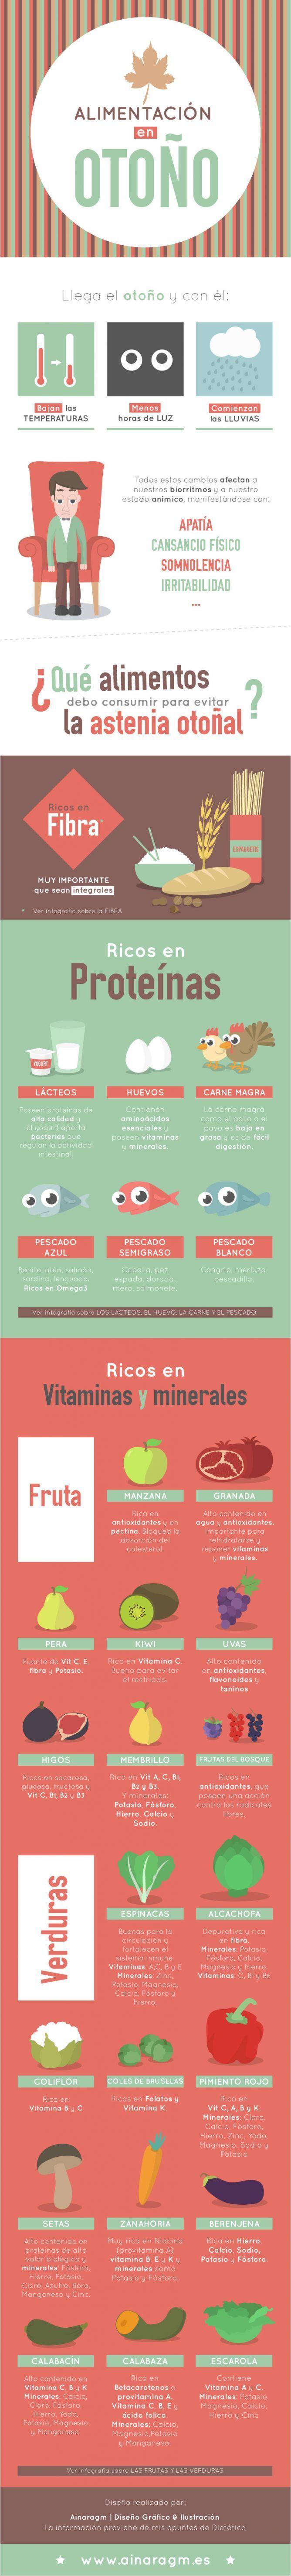 Infografía sobre la #alimentación en #otoño para evitar la llamada astenia otoñal  #salud